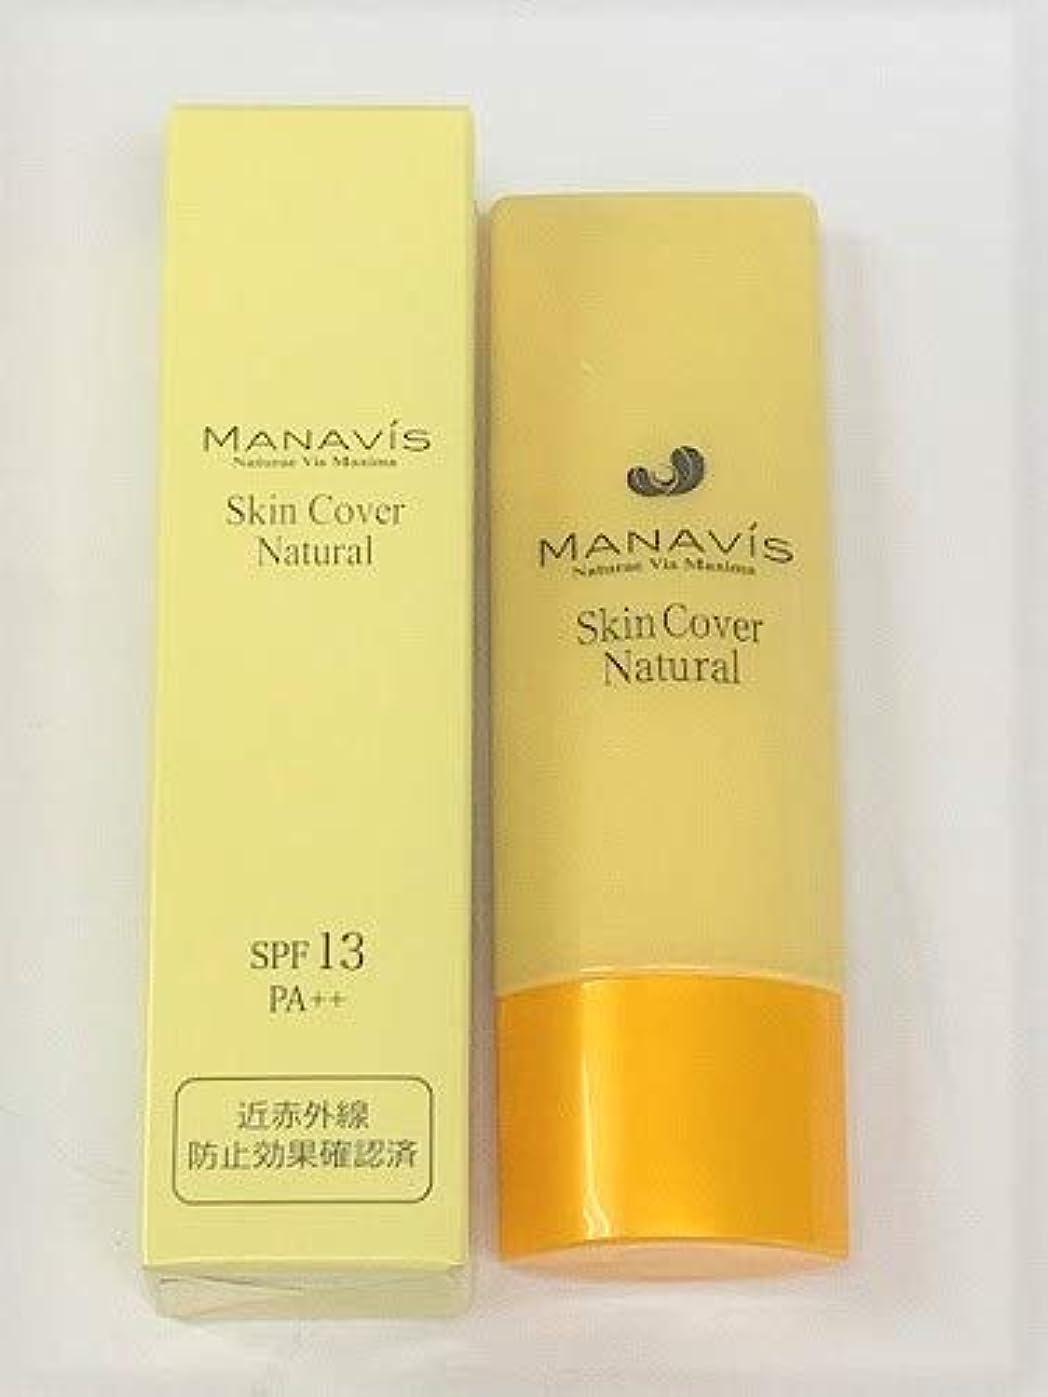 地獄切断する習字MANAVIS マナビス化粧品 スキンカバー ナチュラル (日中用化粧液) SPF13 PA++ 30g 172